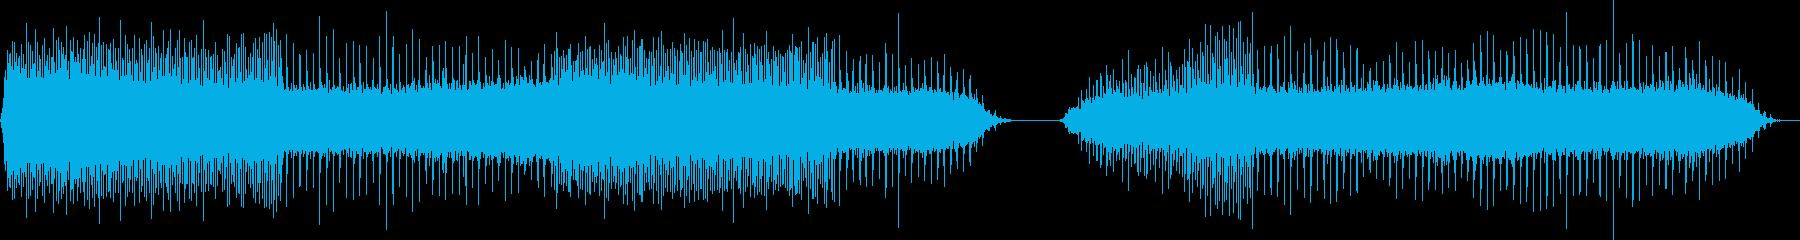 スプリンクラー1;一定のクリック数...の再生済みの波形